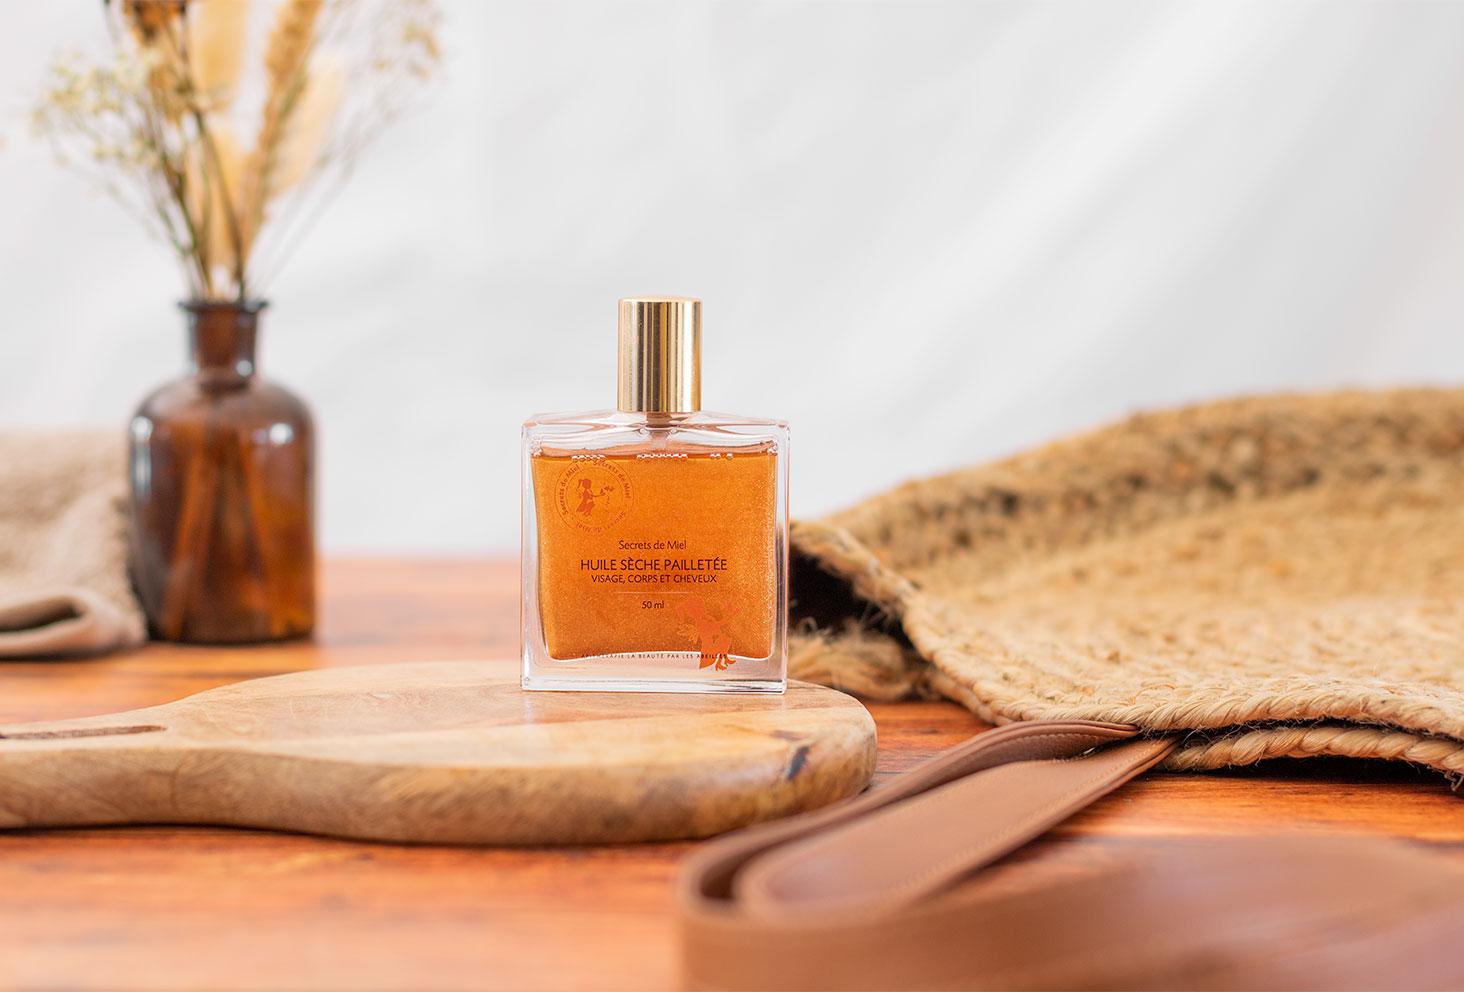 L'huile sèche à paillettes de Secrets de Miel posée sur une planche à découper devant un sac de plage